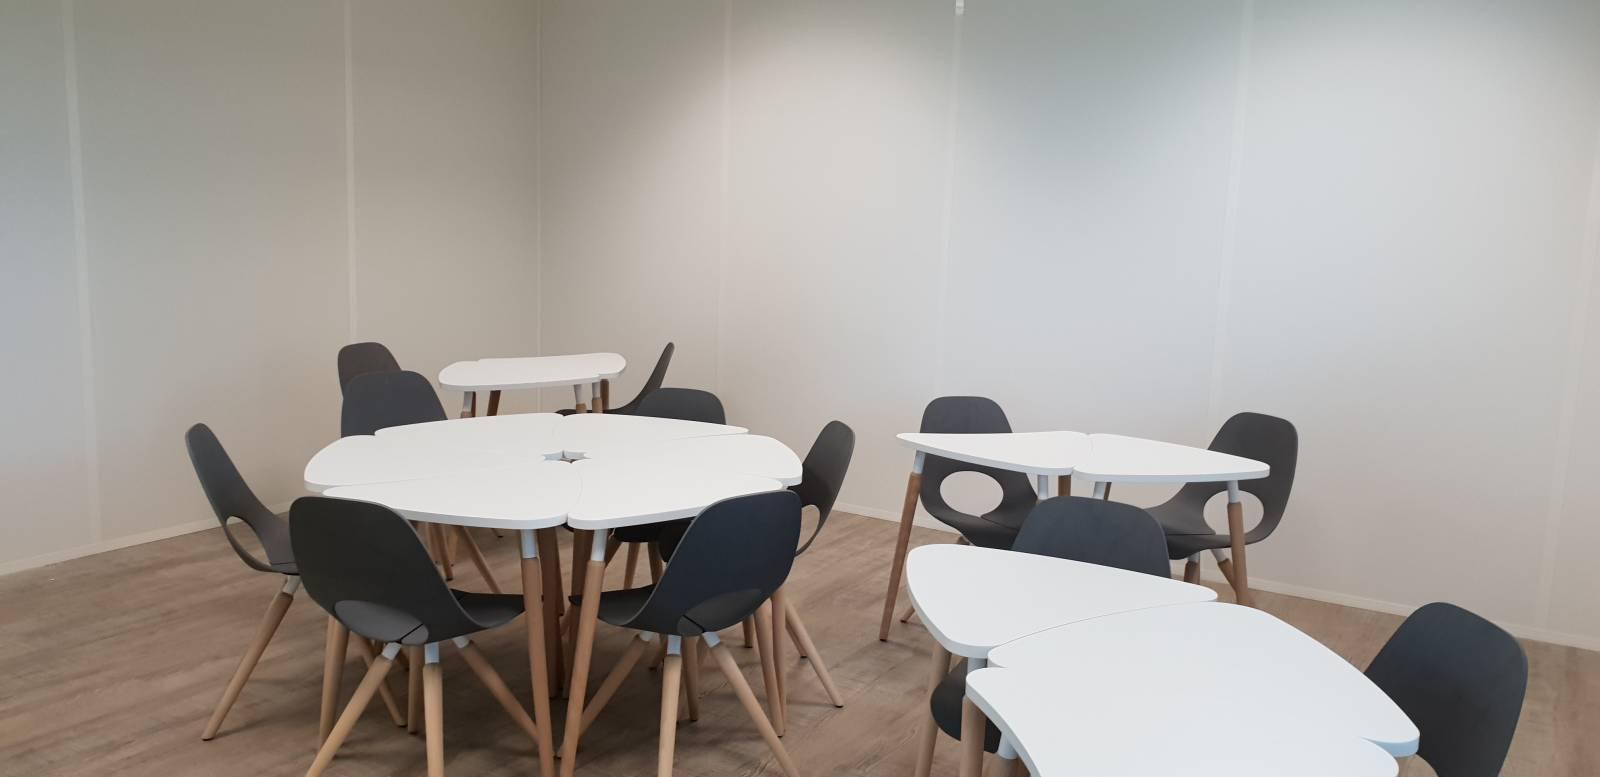 Salle de réunion avec les tables modulables TAUKO pour s'adapter en fonction des besoins du moment . Aix en Provence